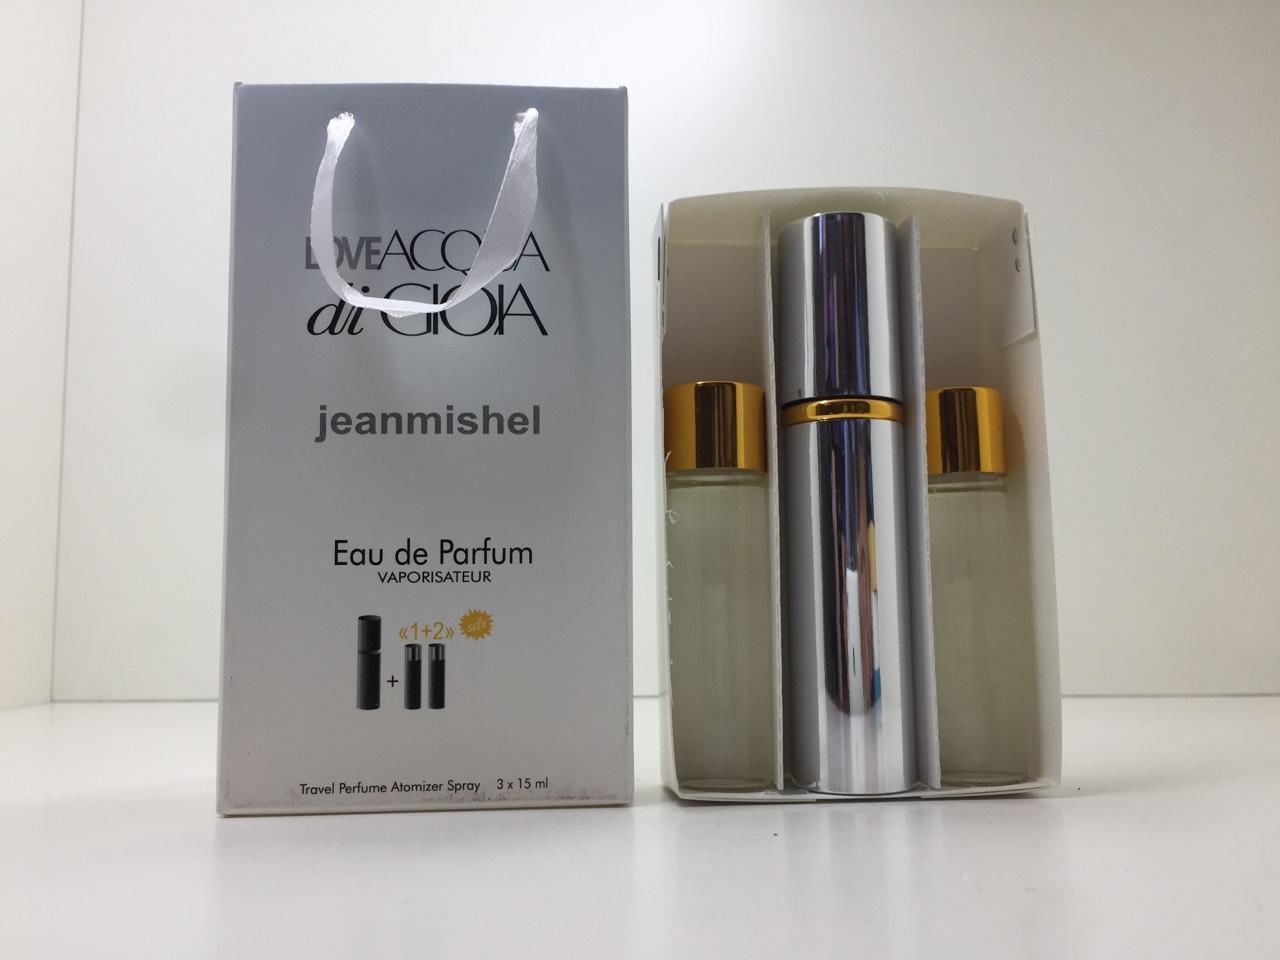 Подарунковий набір парфумів жіночий Jeanmishel Acqua di Gioia (Жанмишель Аква ді Джіо) 3 по 15 мл